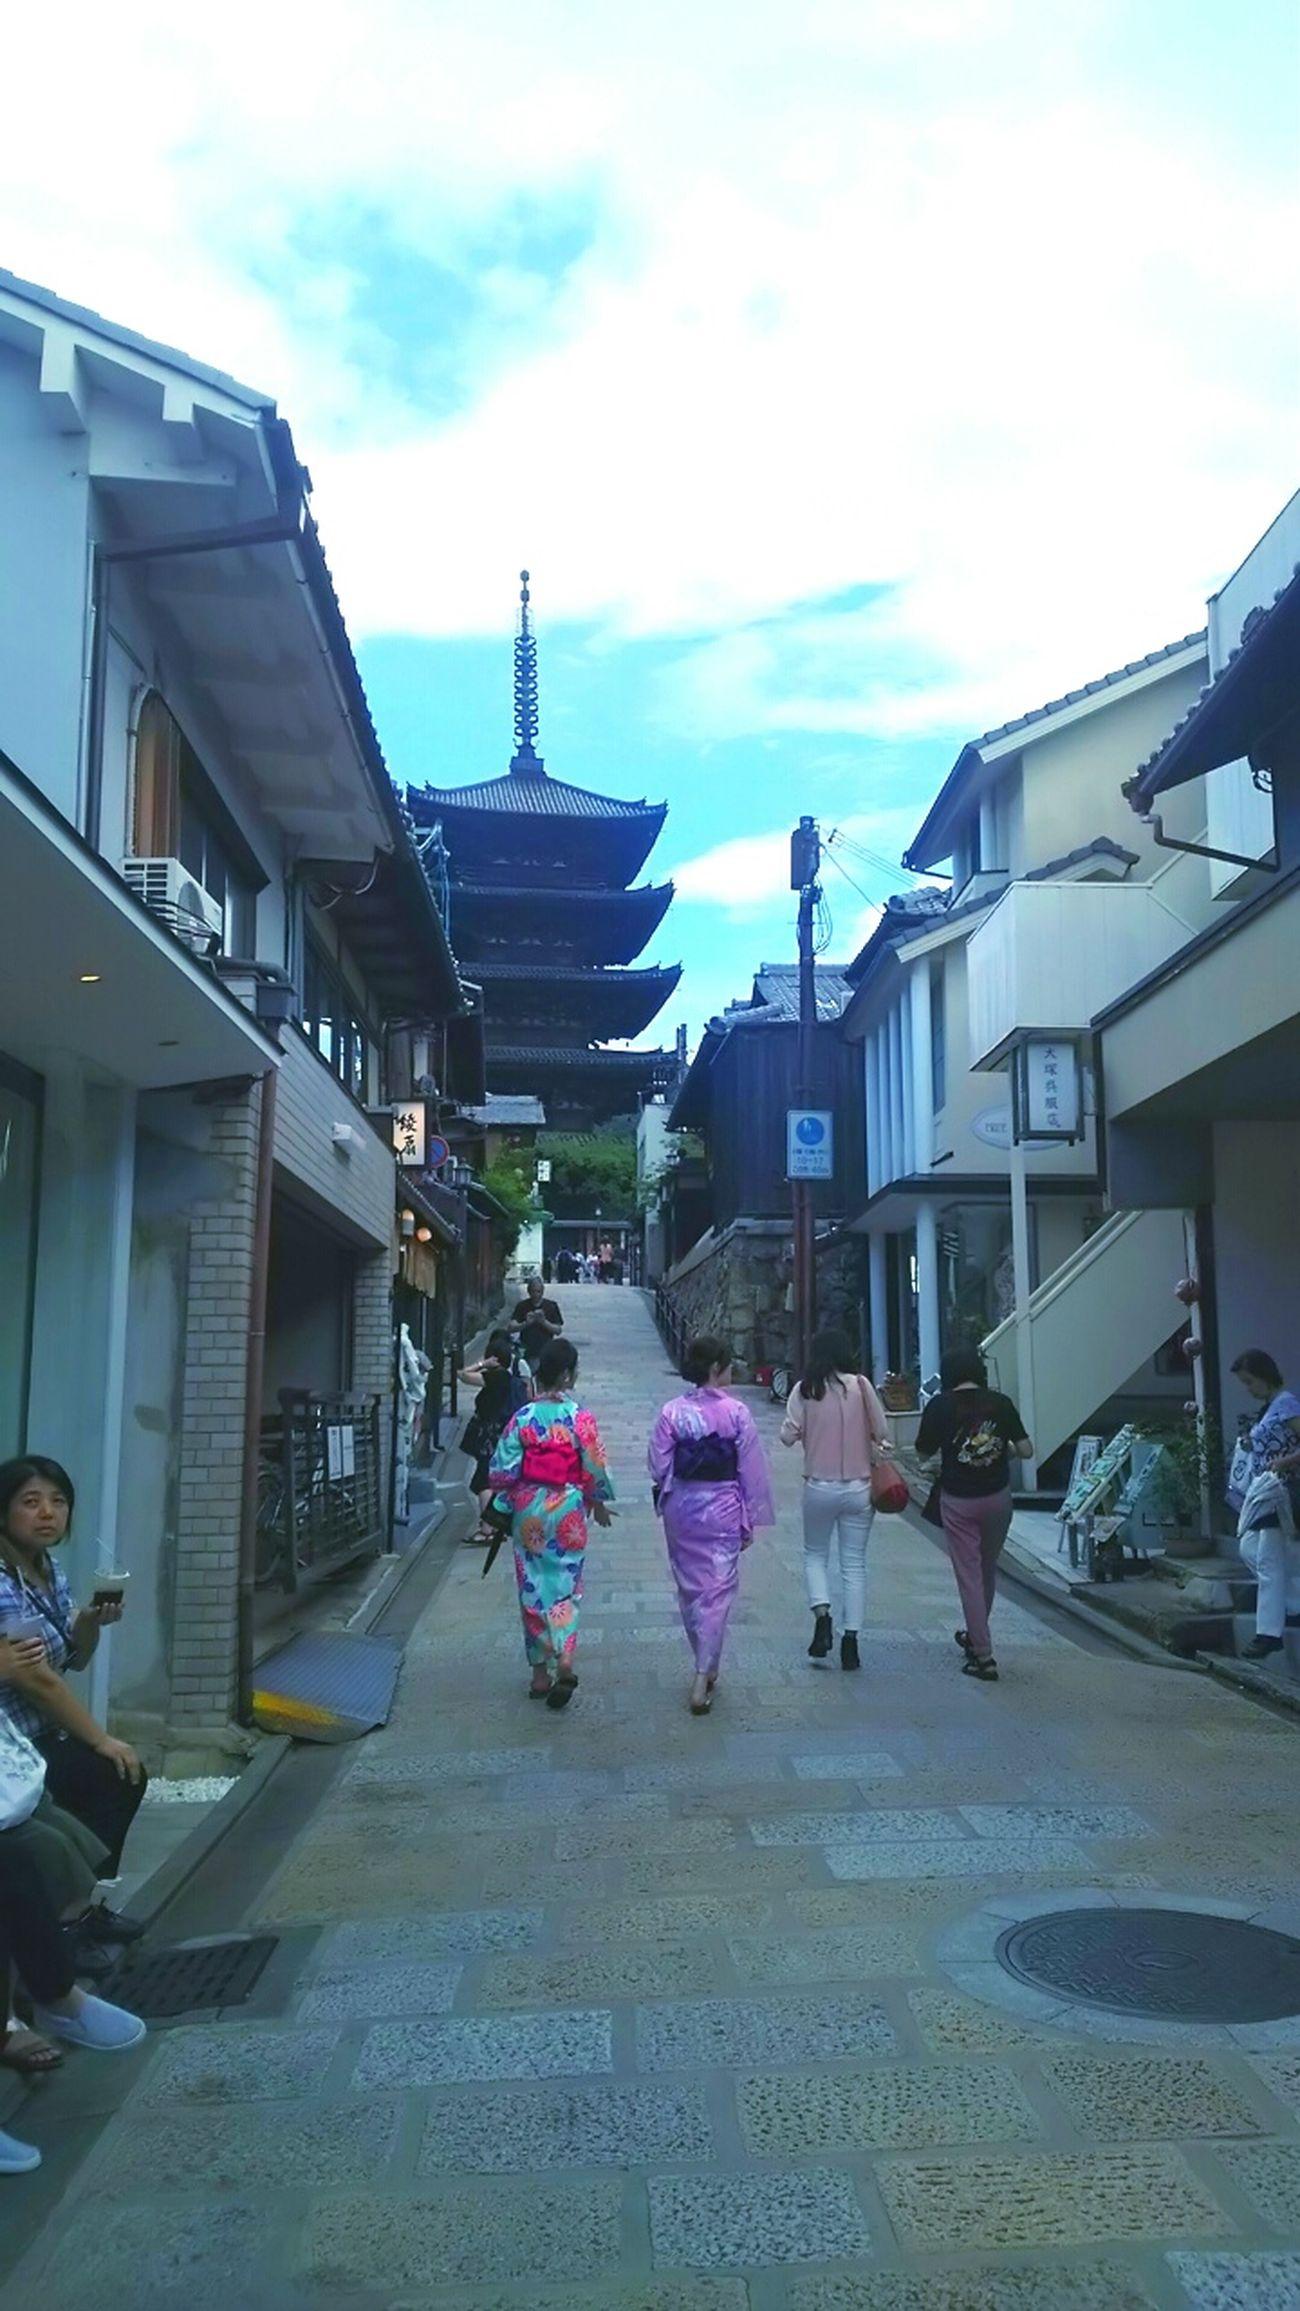 京都 Kyouto 家族旅行 法観寺 八坂の塔